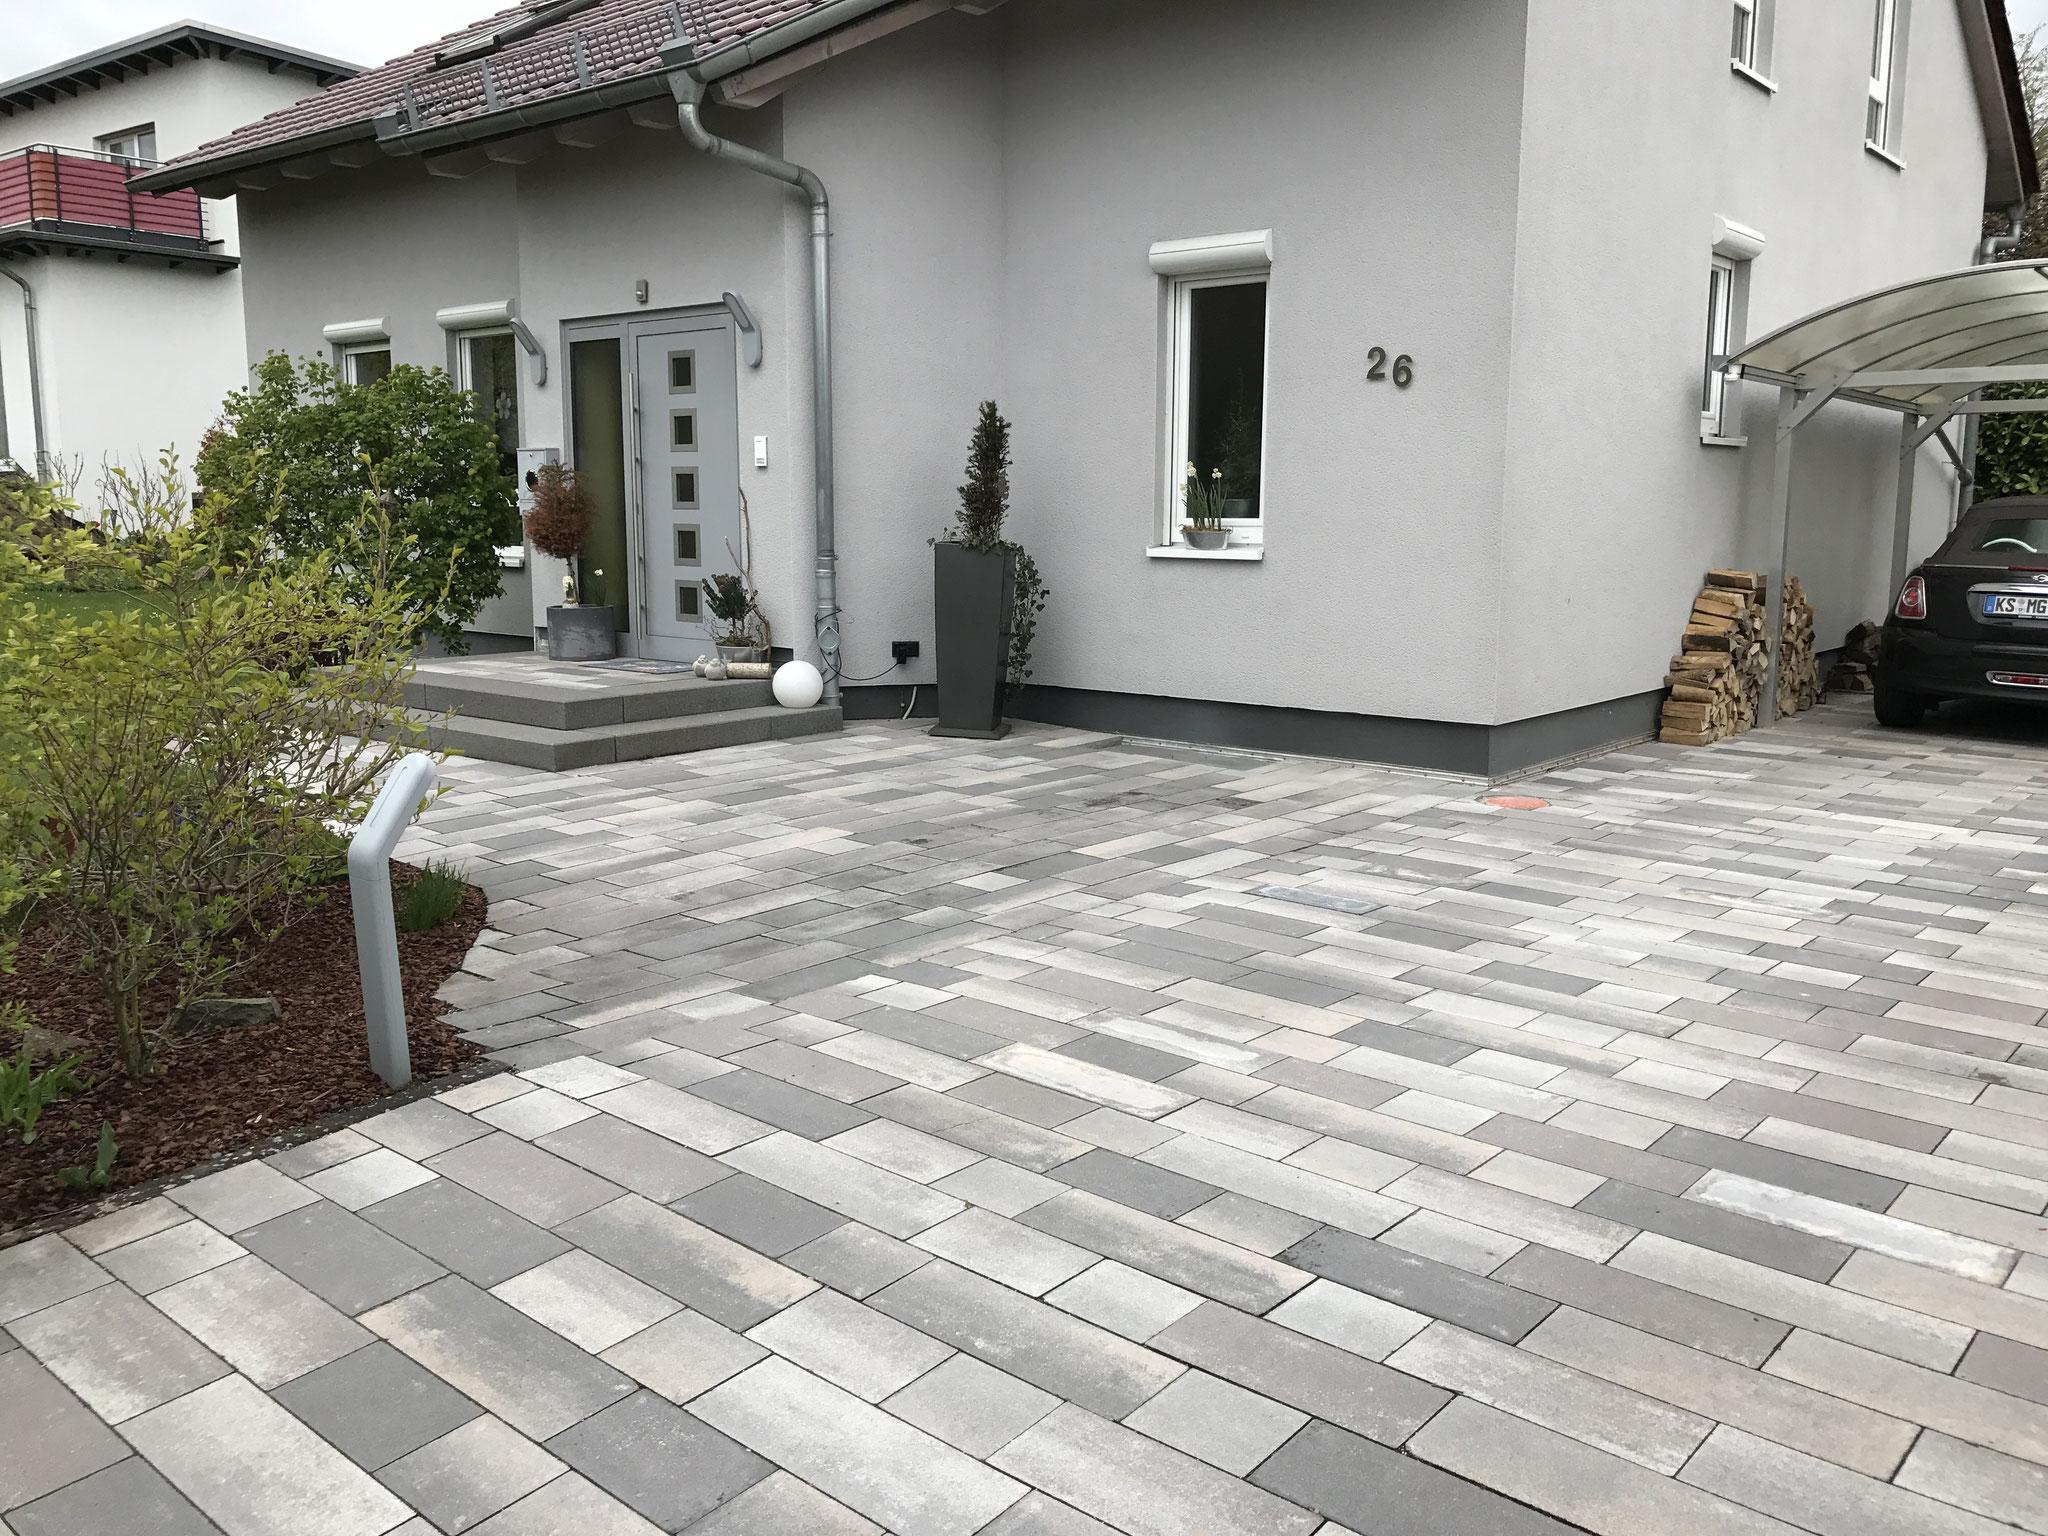 Sanierung Eingangsbereich und Terrasse in Betonpflaster RINN Padio20